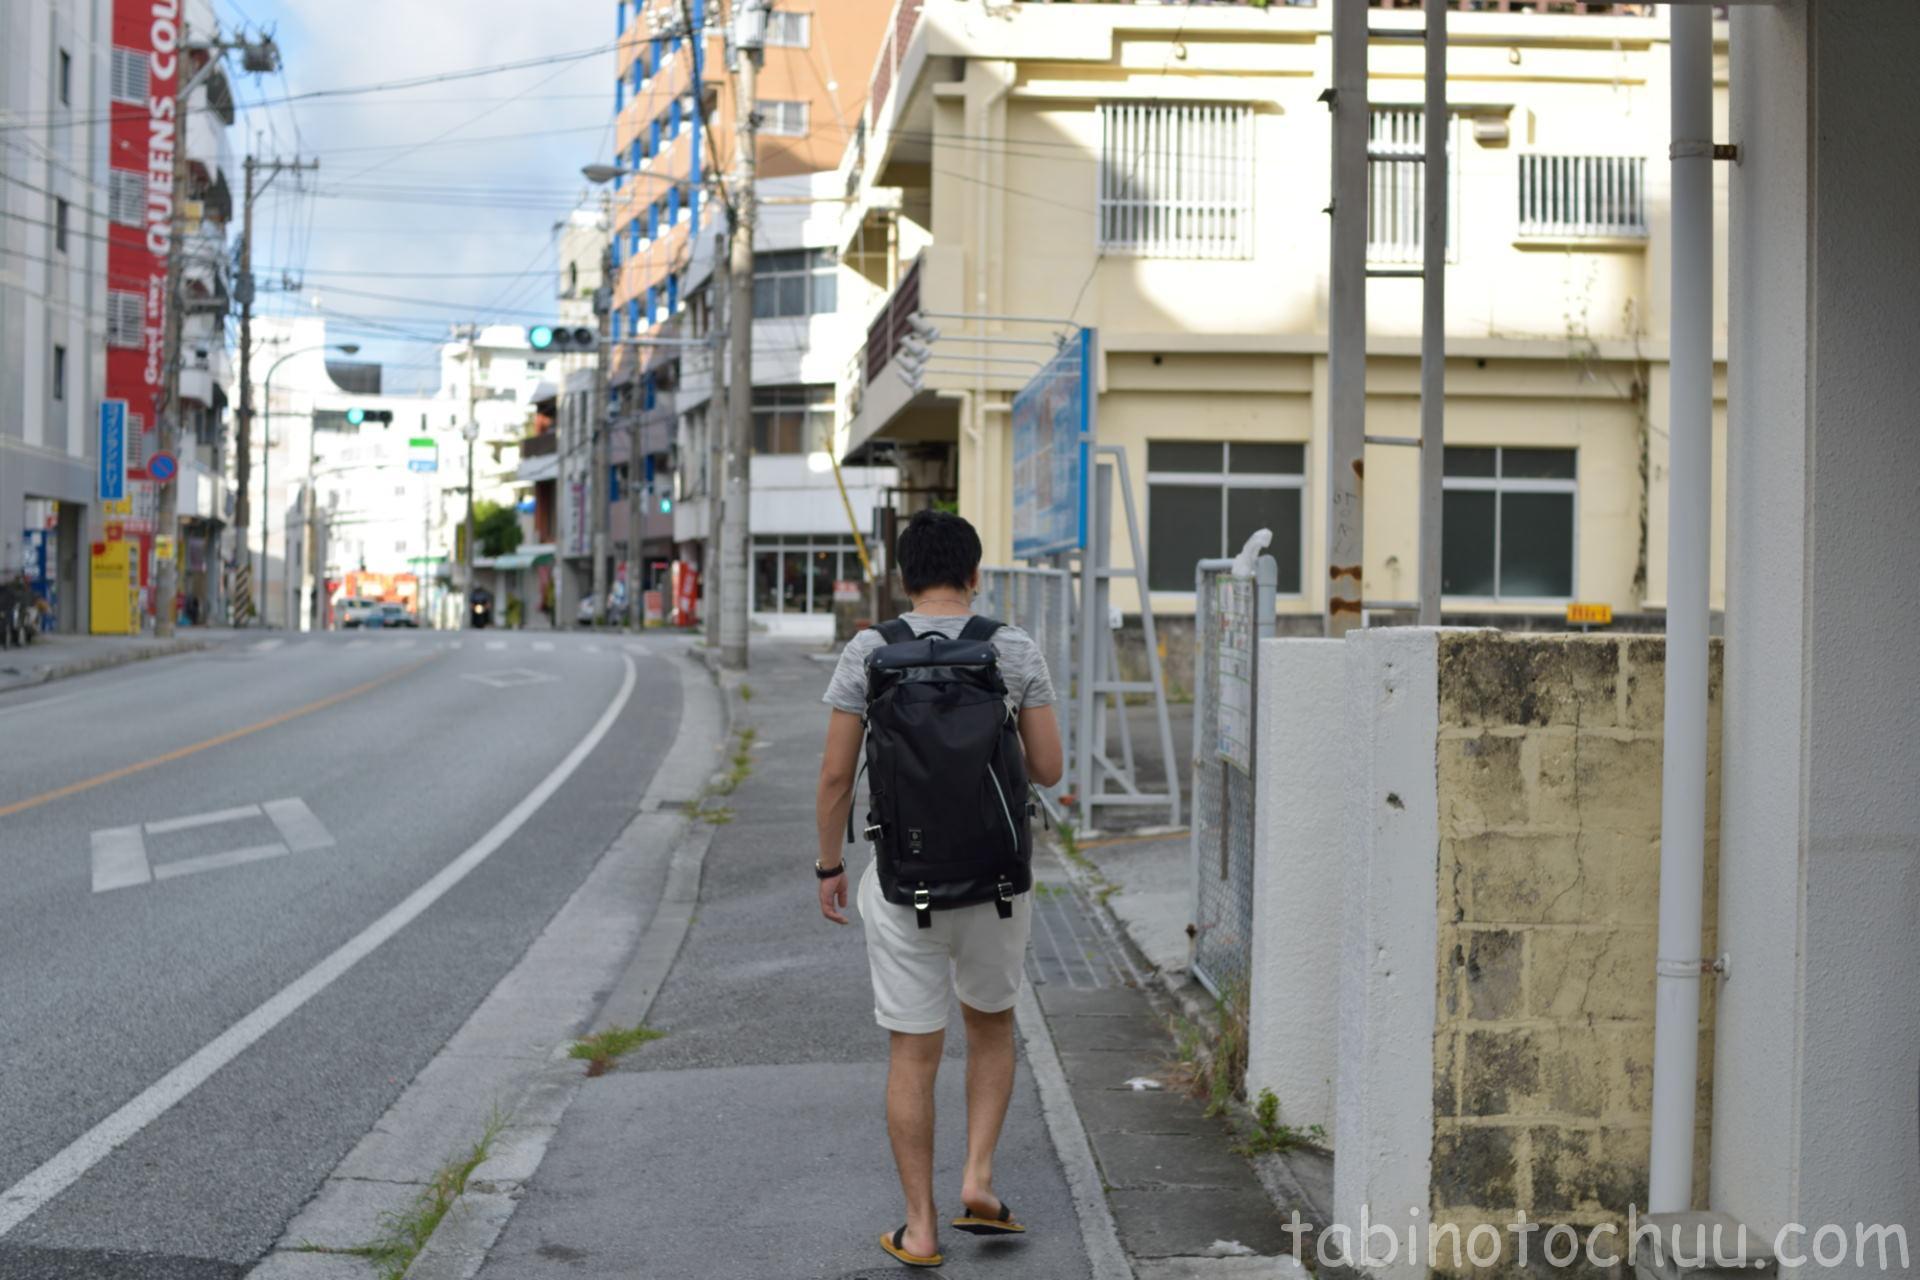 Mr.Kinjo in Uenokuraより徒歩でレンタカー店へ